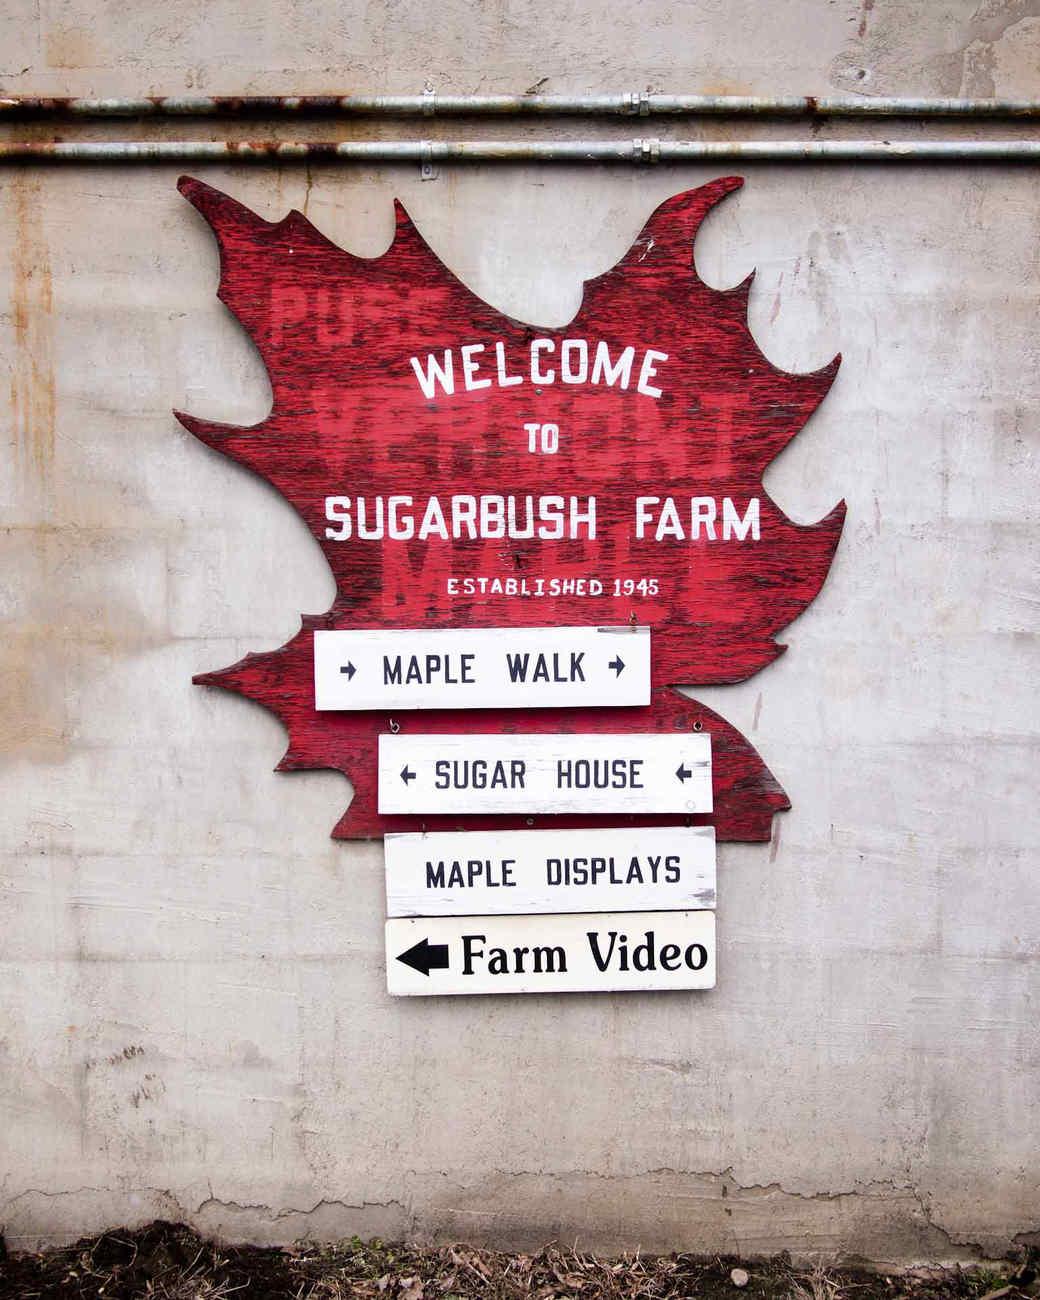 sugarbush-farm-0617-d109181.jpg